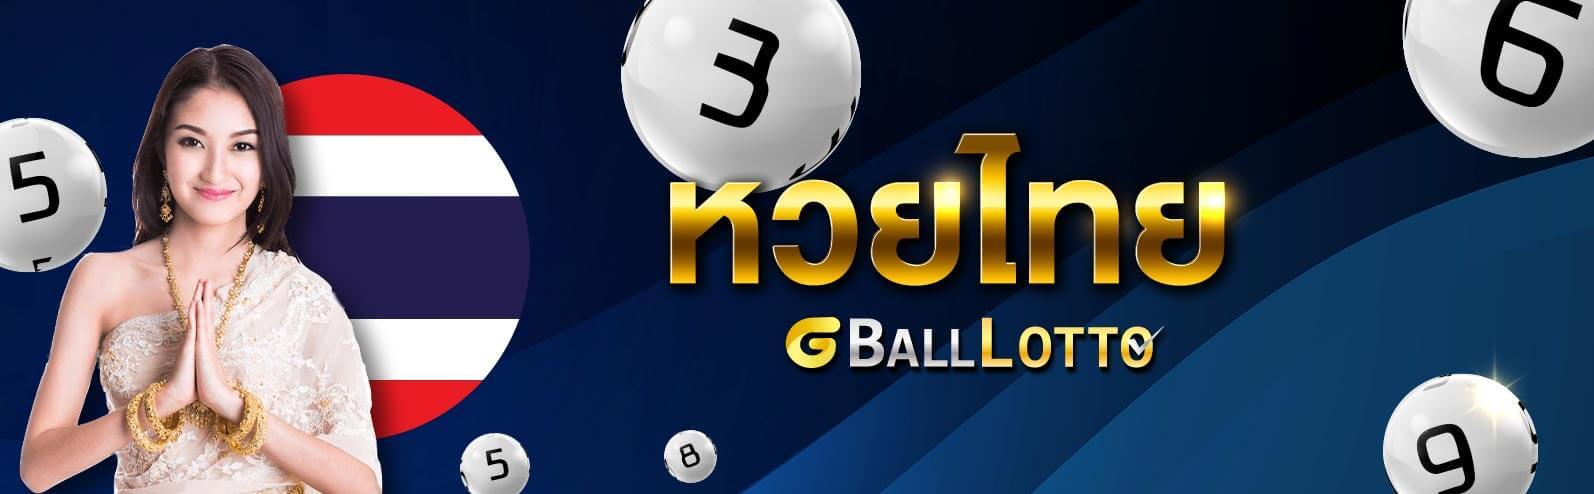 gball1